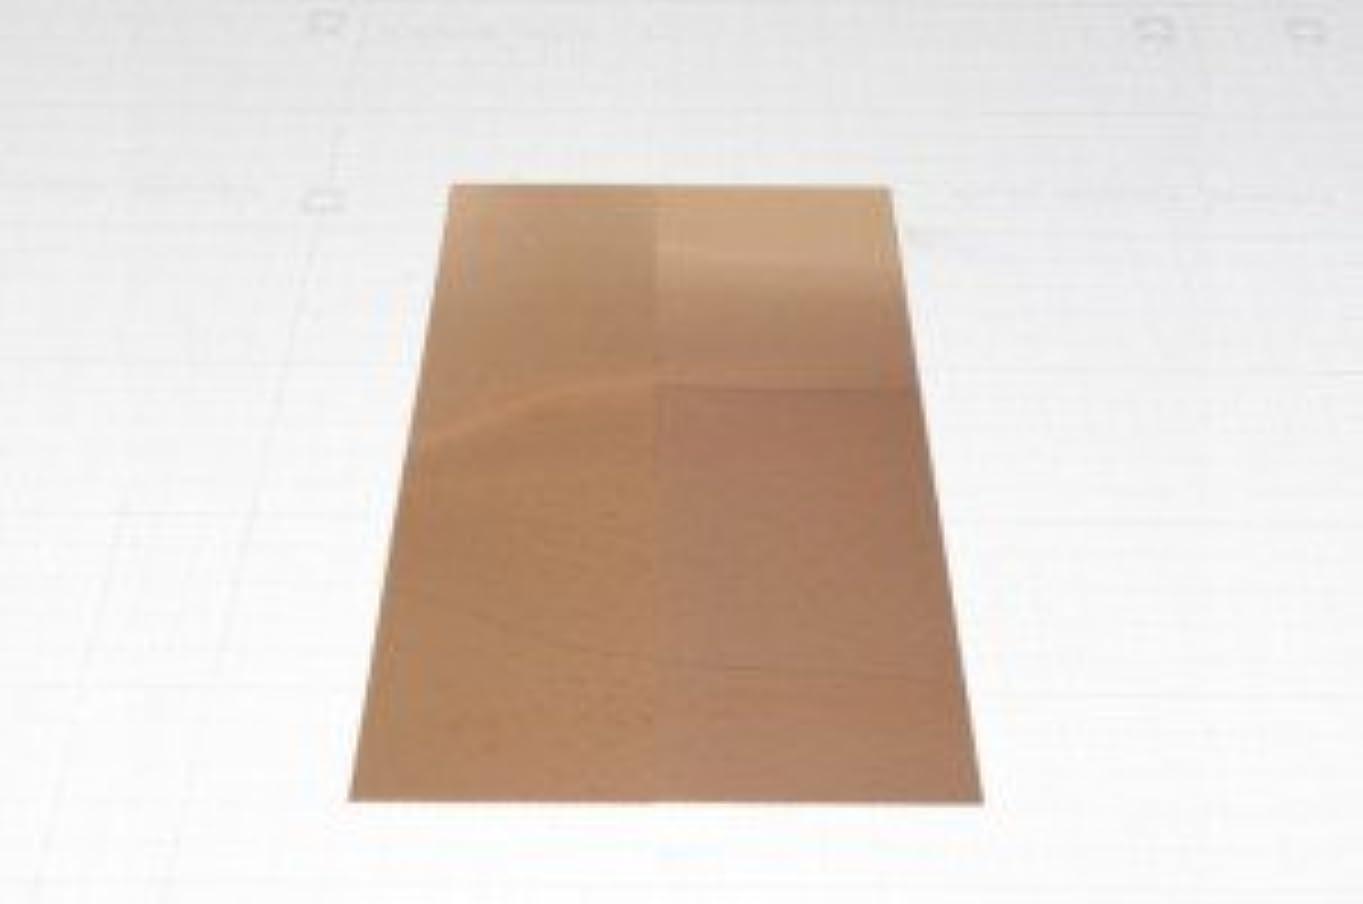 結論植生フィードメタルスーパー 銅板C1100厚み1.2×365×200 CUP1-2_200